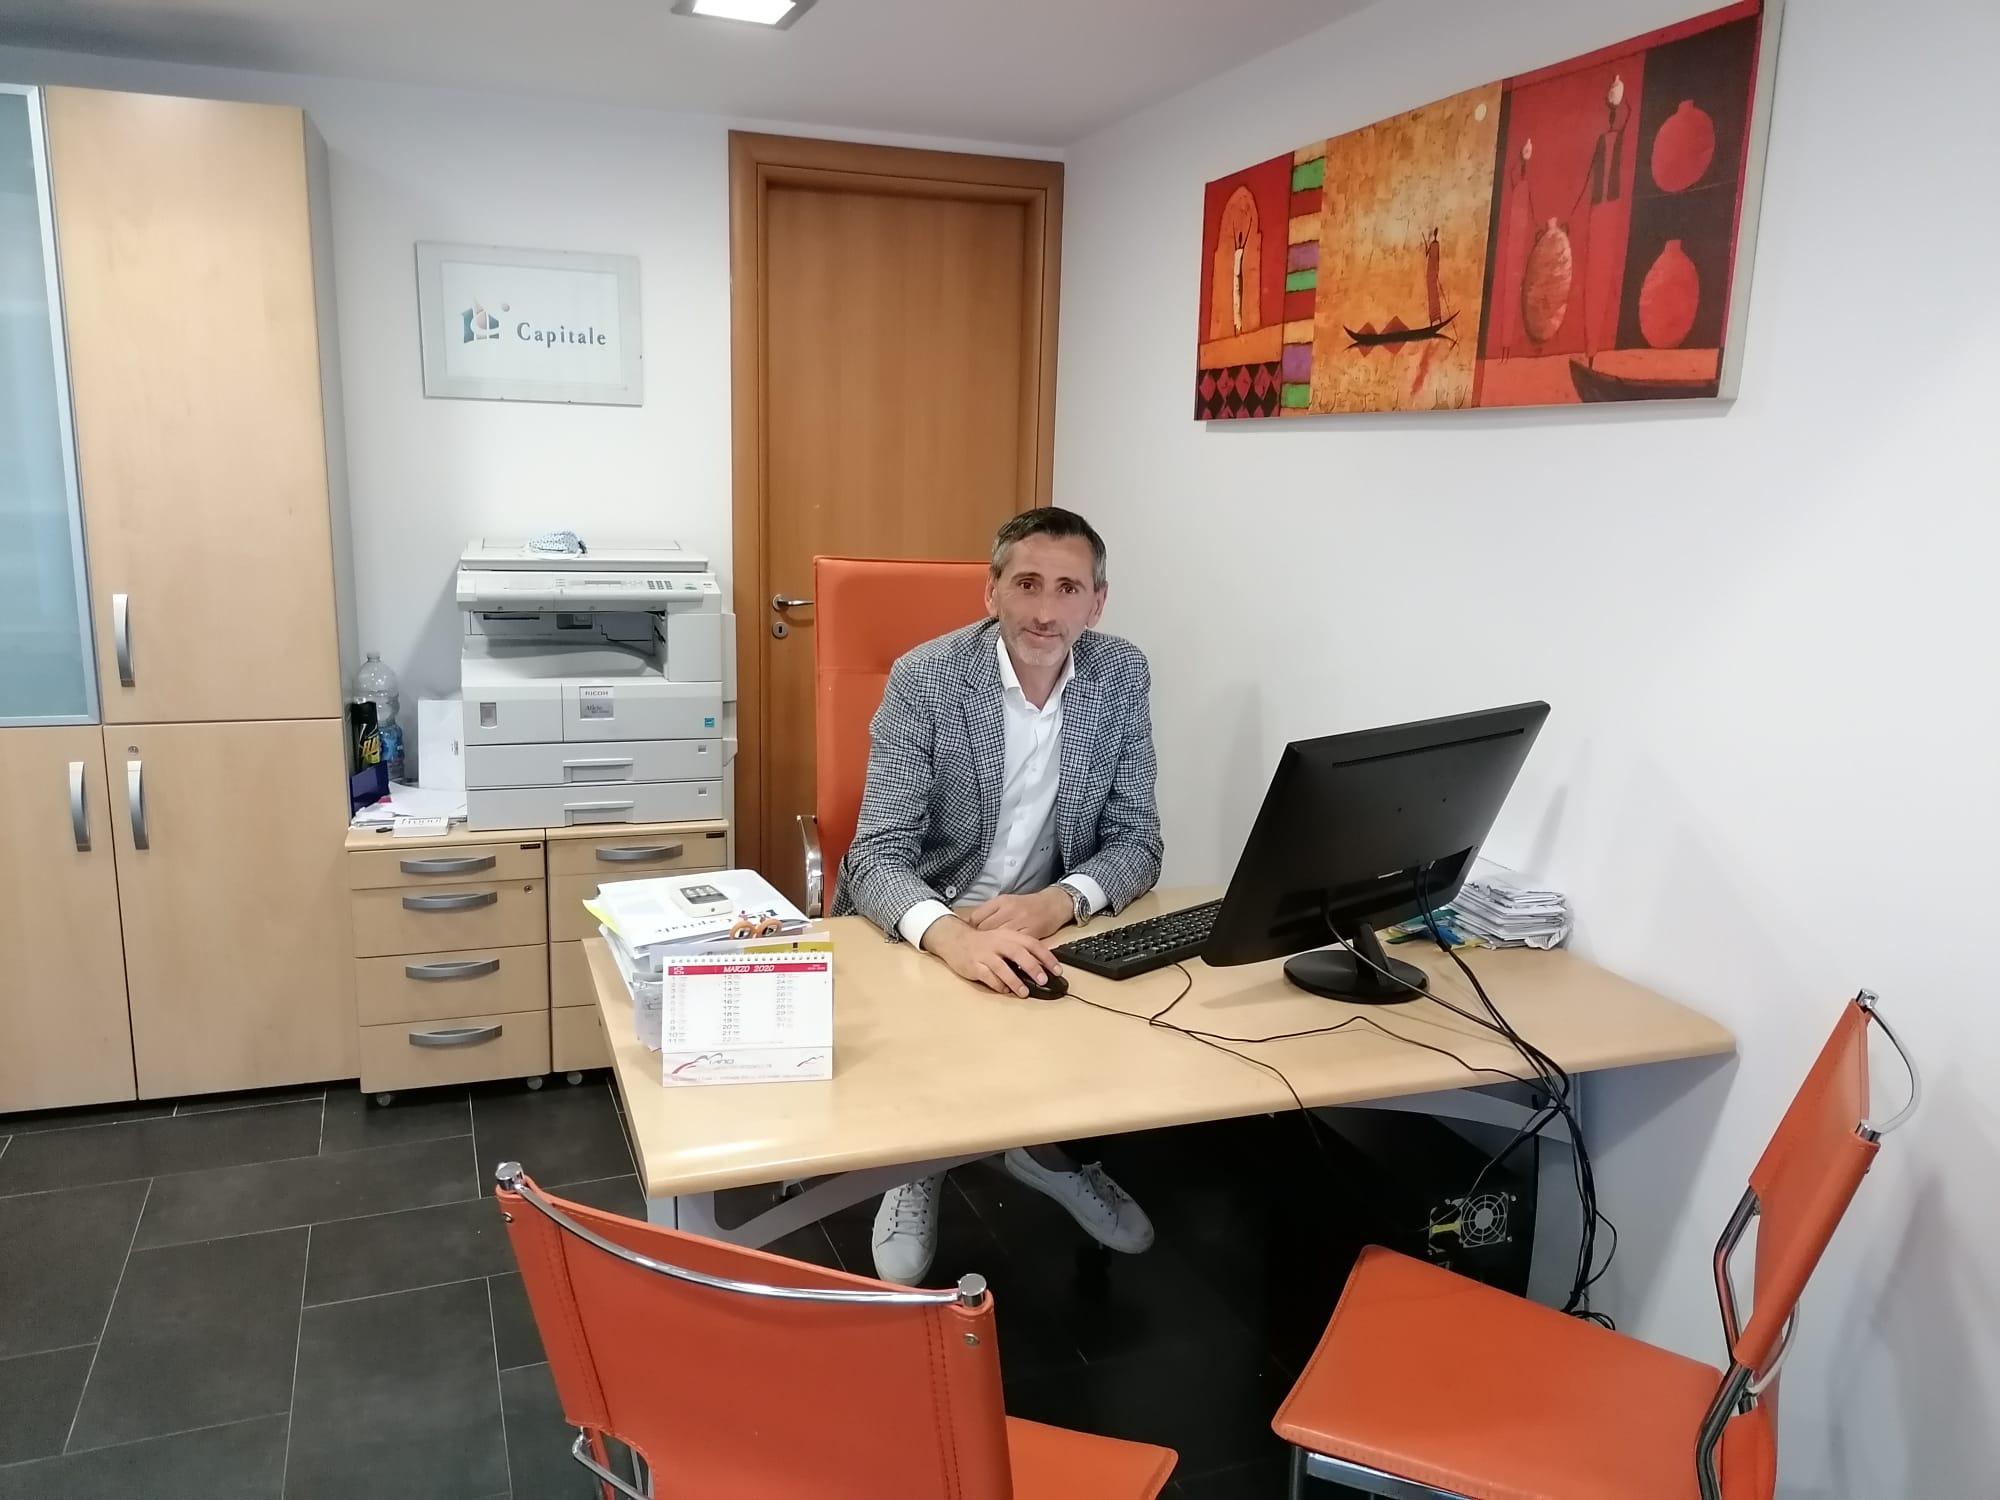 Agente Immobiliare di Capitale Immobiliare Domiesse Marco Furmio